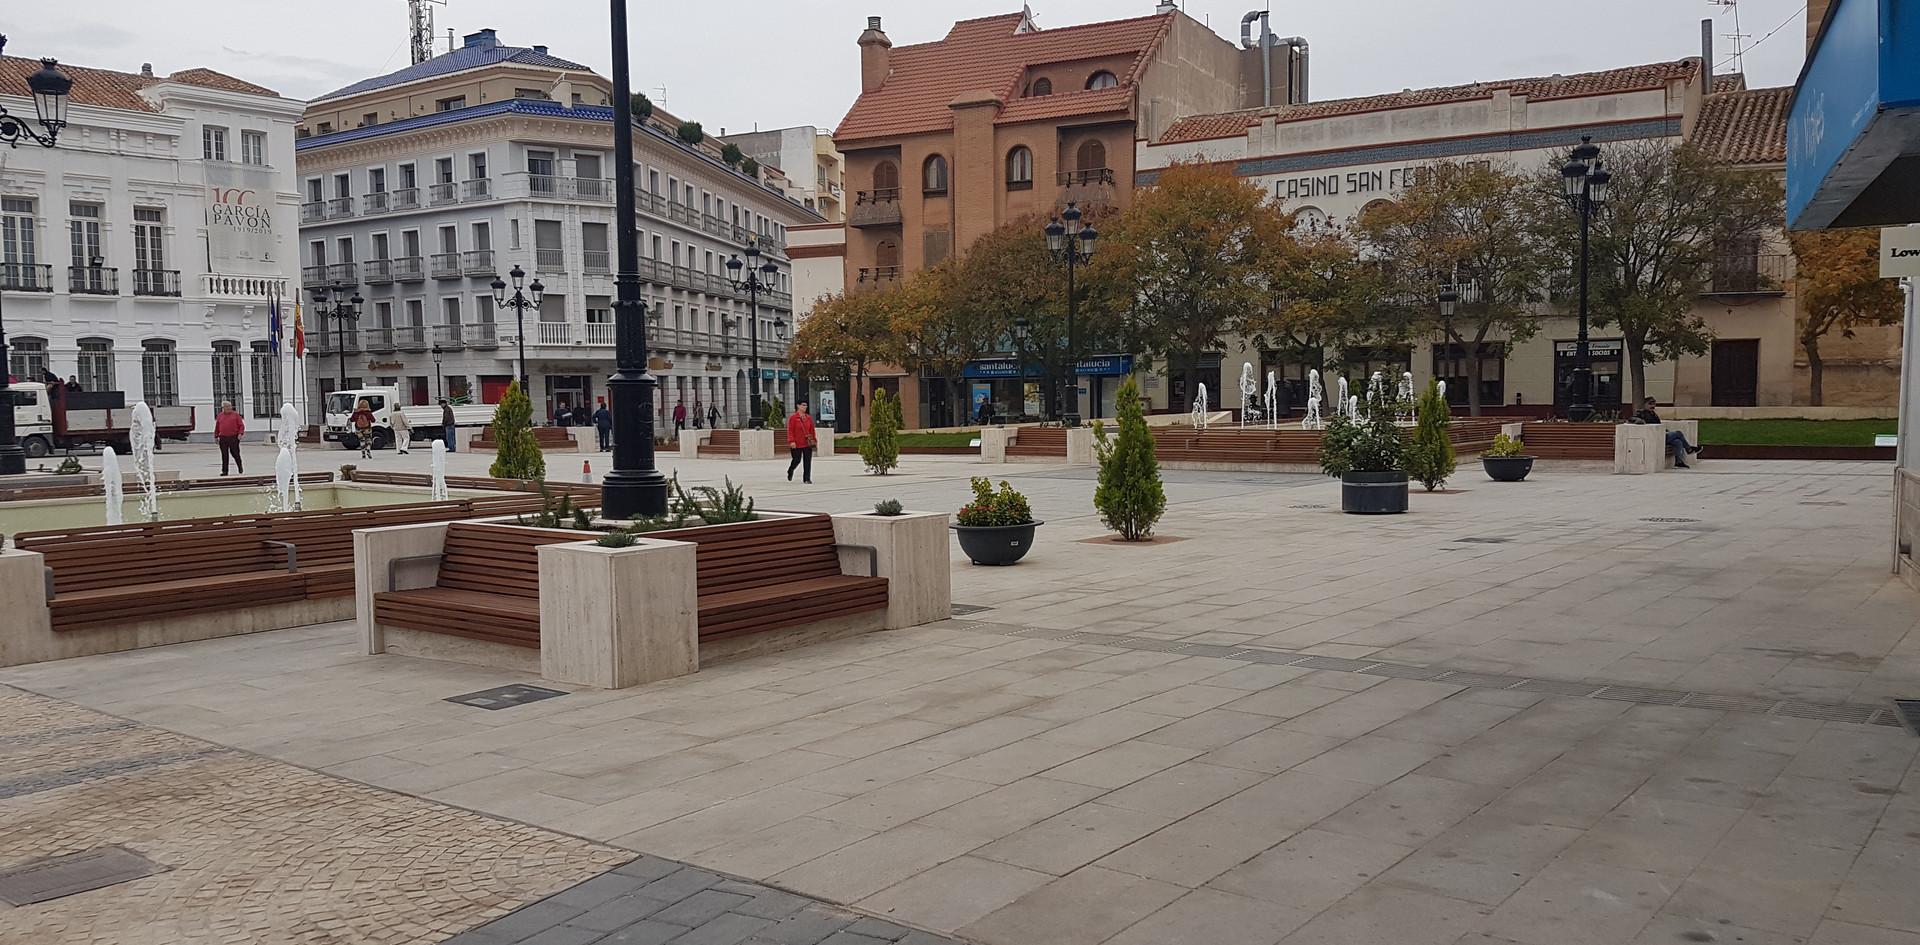 Plaza_de_españa_tomelloso.jpg